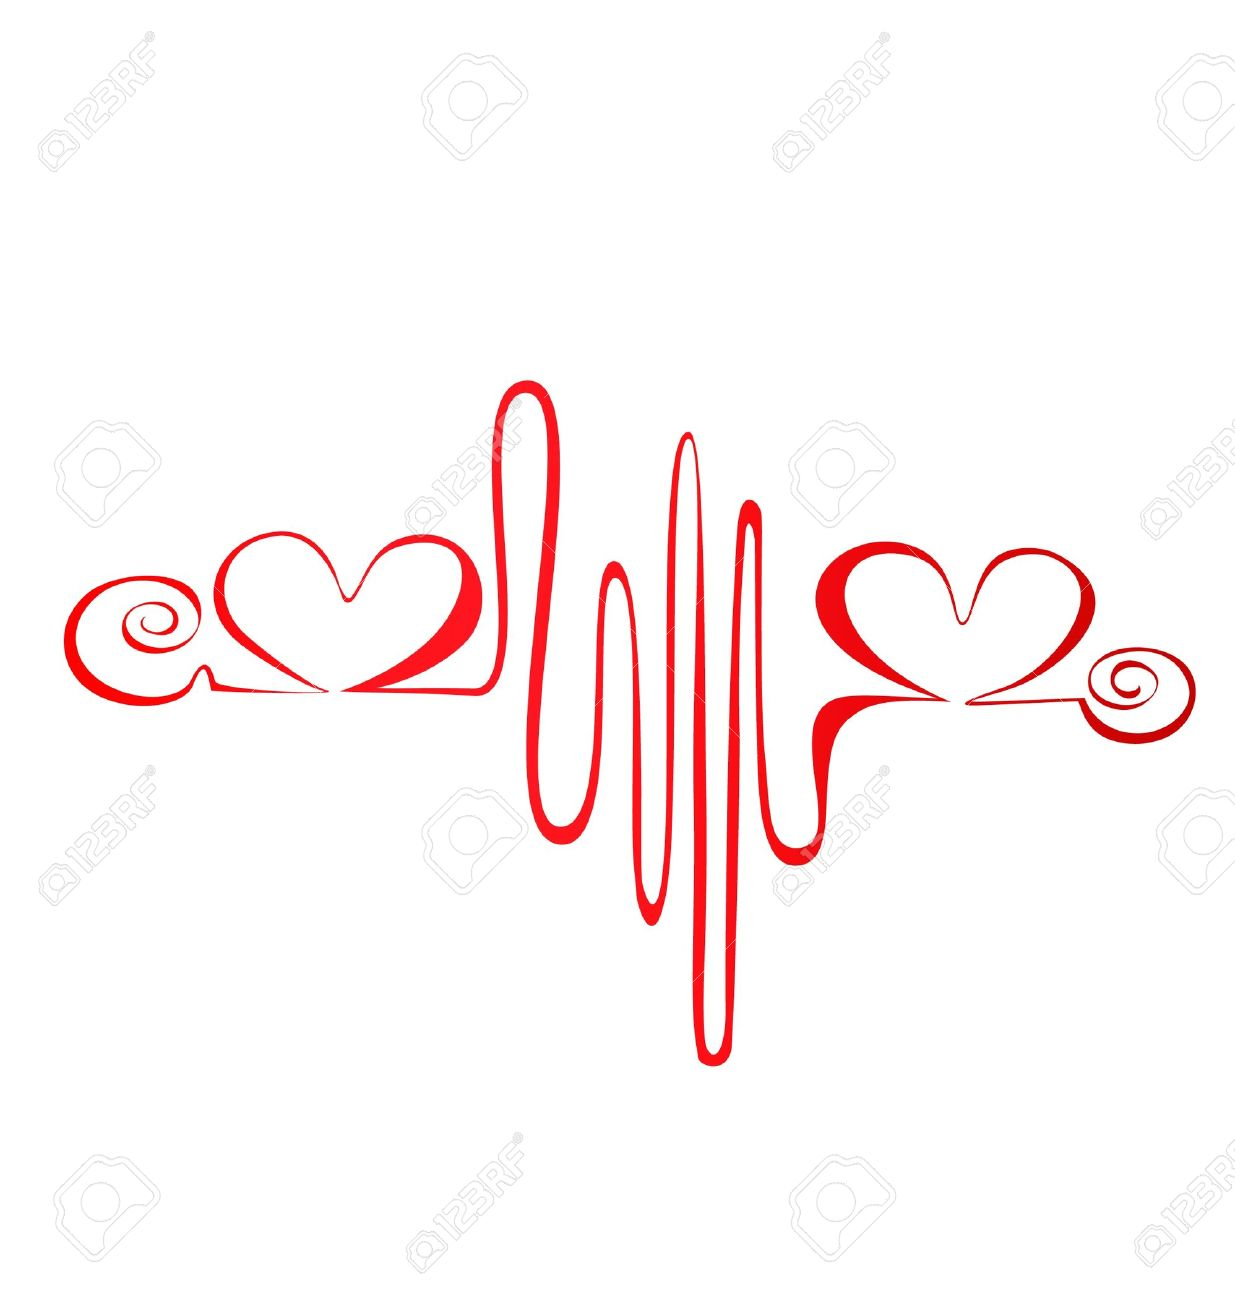 Heartbeat or cardiogram logo Stock Vector - 13975534